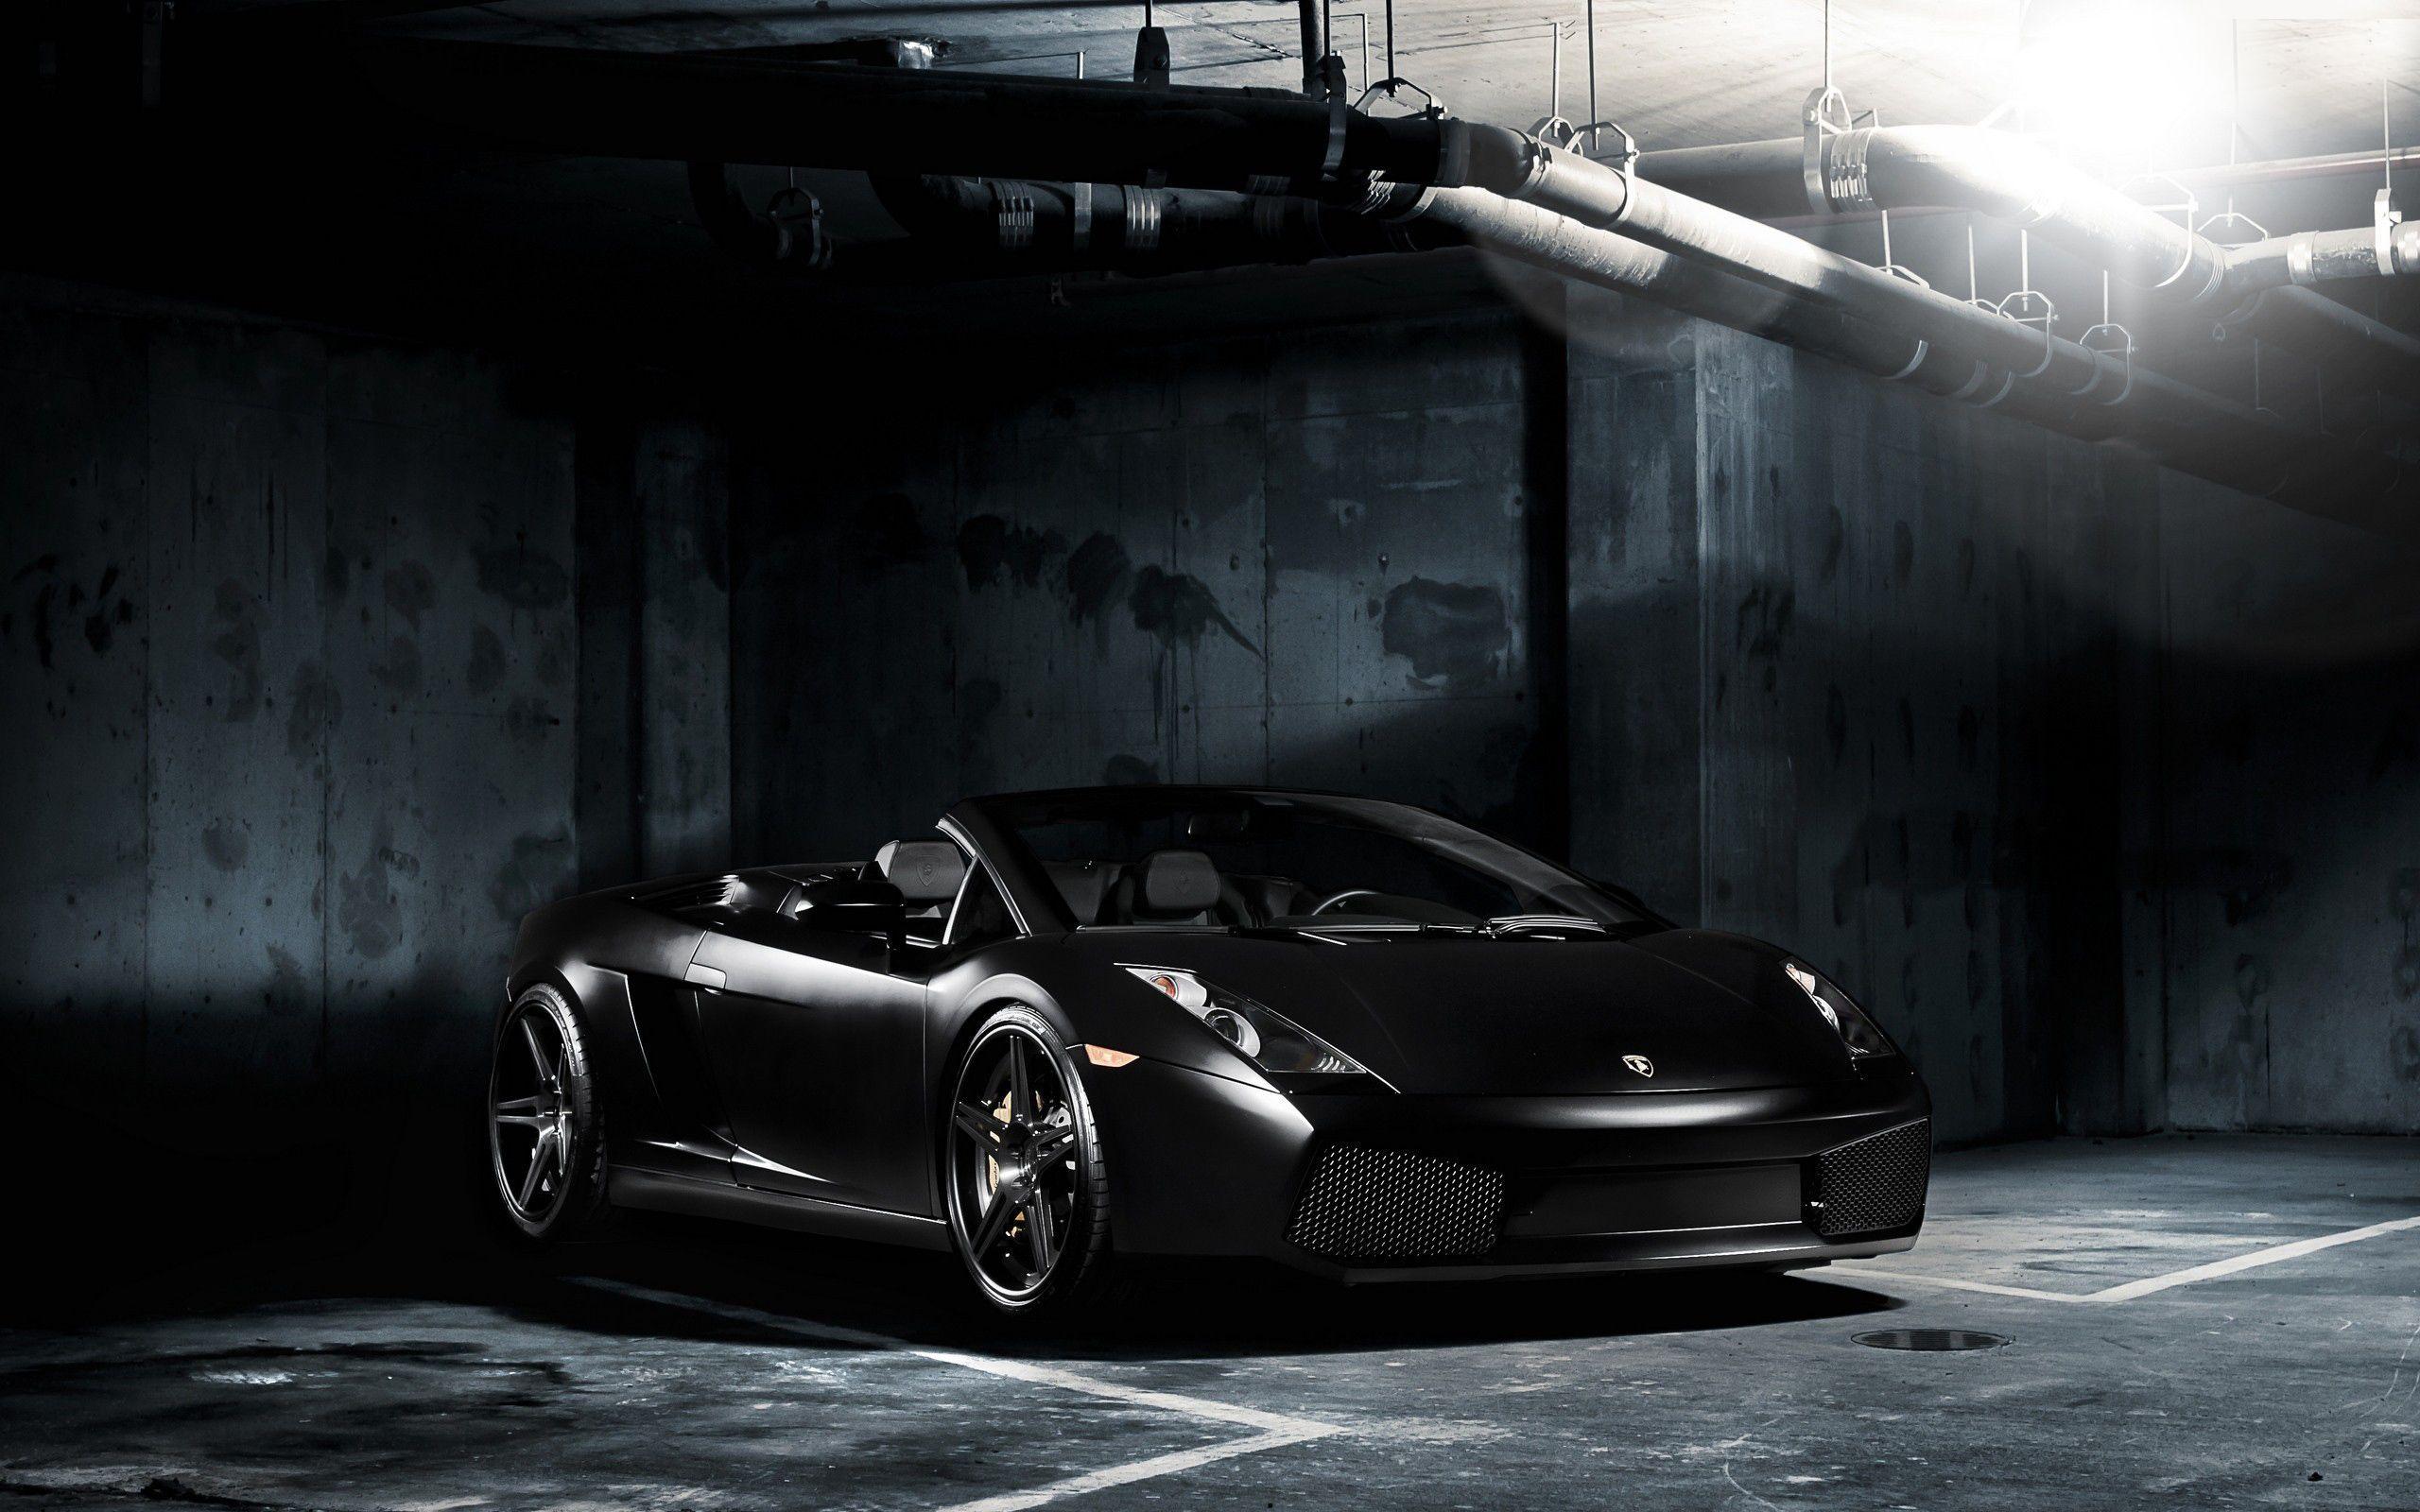 Lamborghini gallardo adv1 wheels wallpaper hd http imashon com w